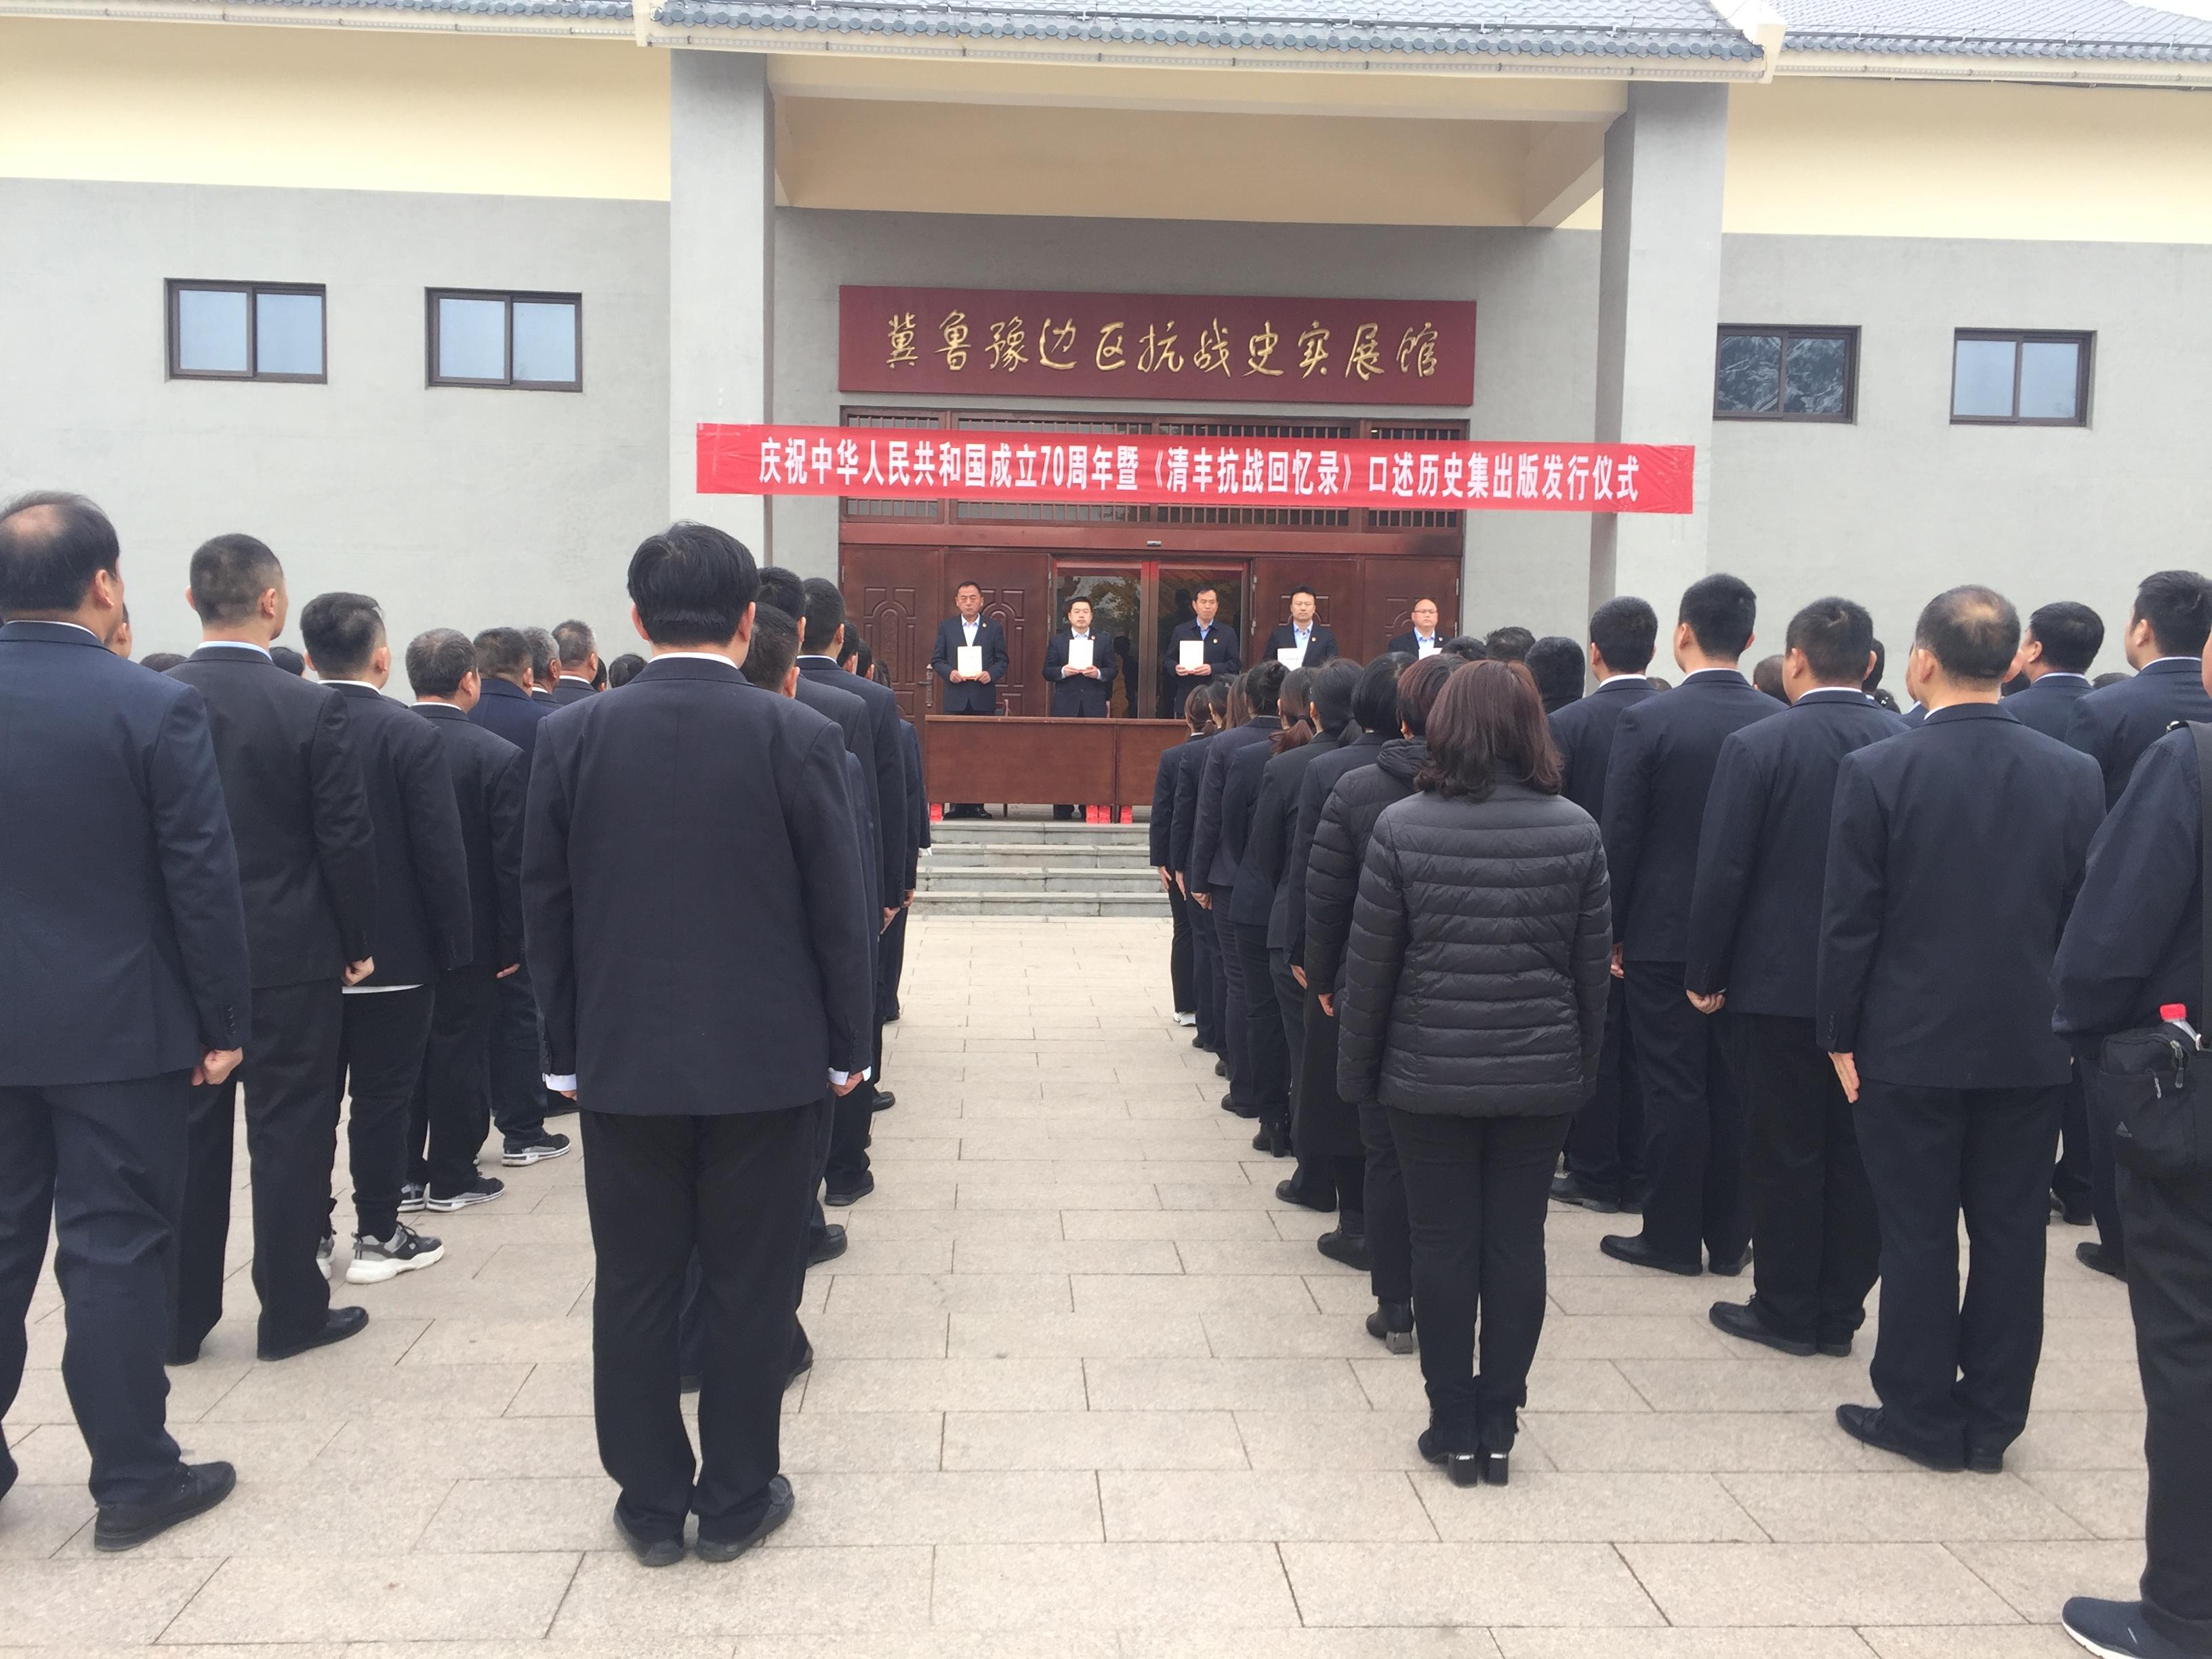 清丰县举行庆祝中华人民共和国成立70周年暨《清丰抗战回忆录》口述历史集出版发行仪式